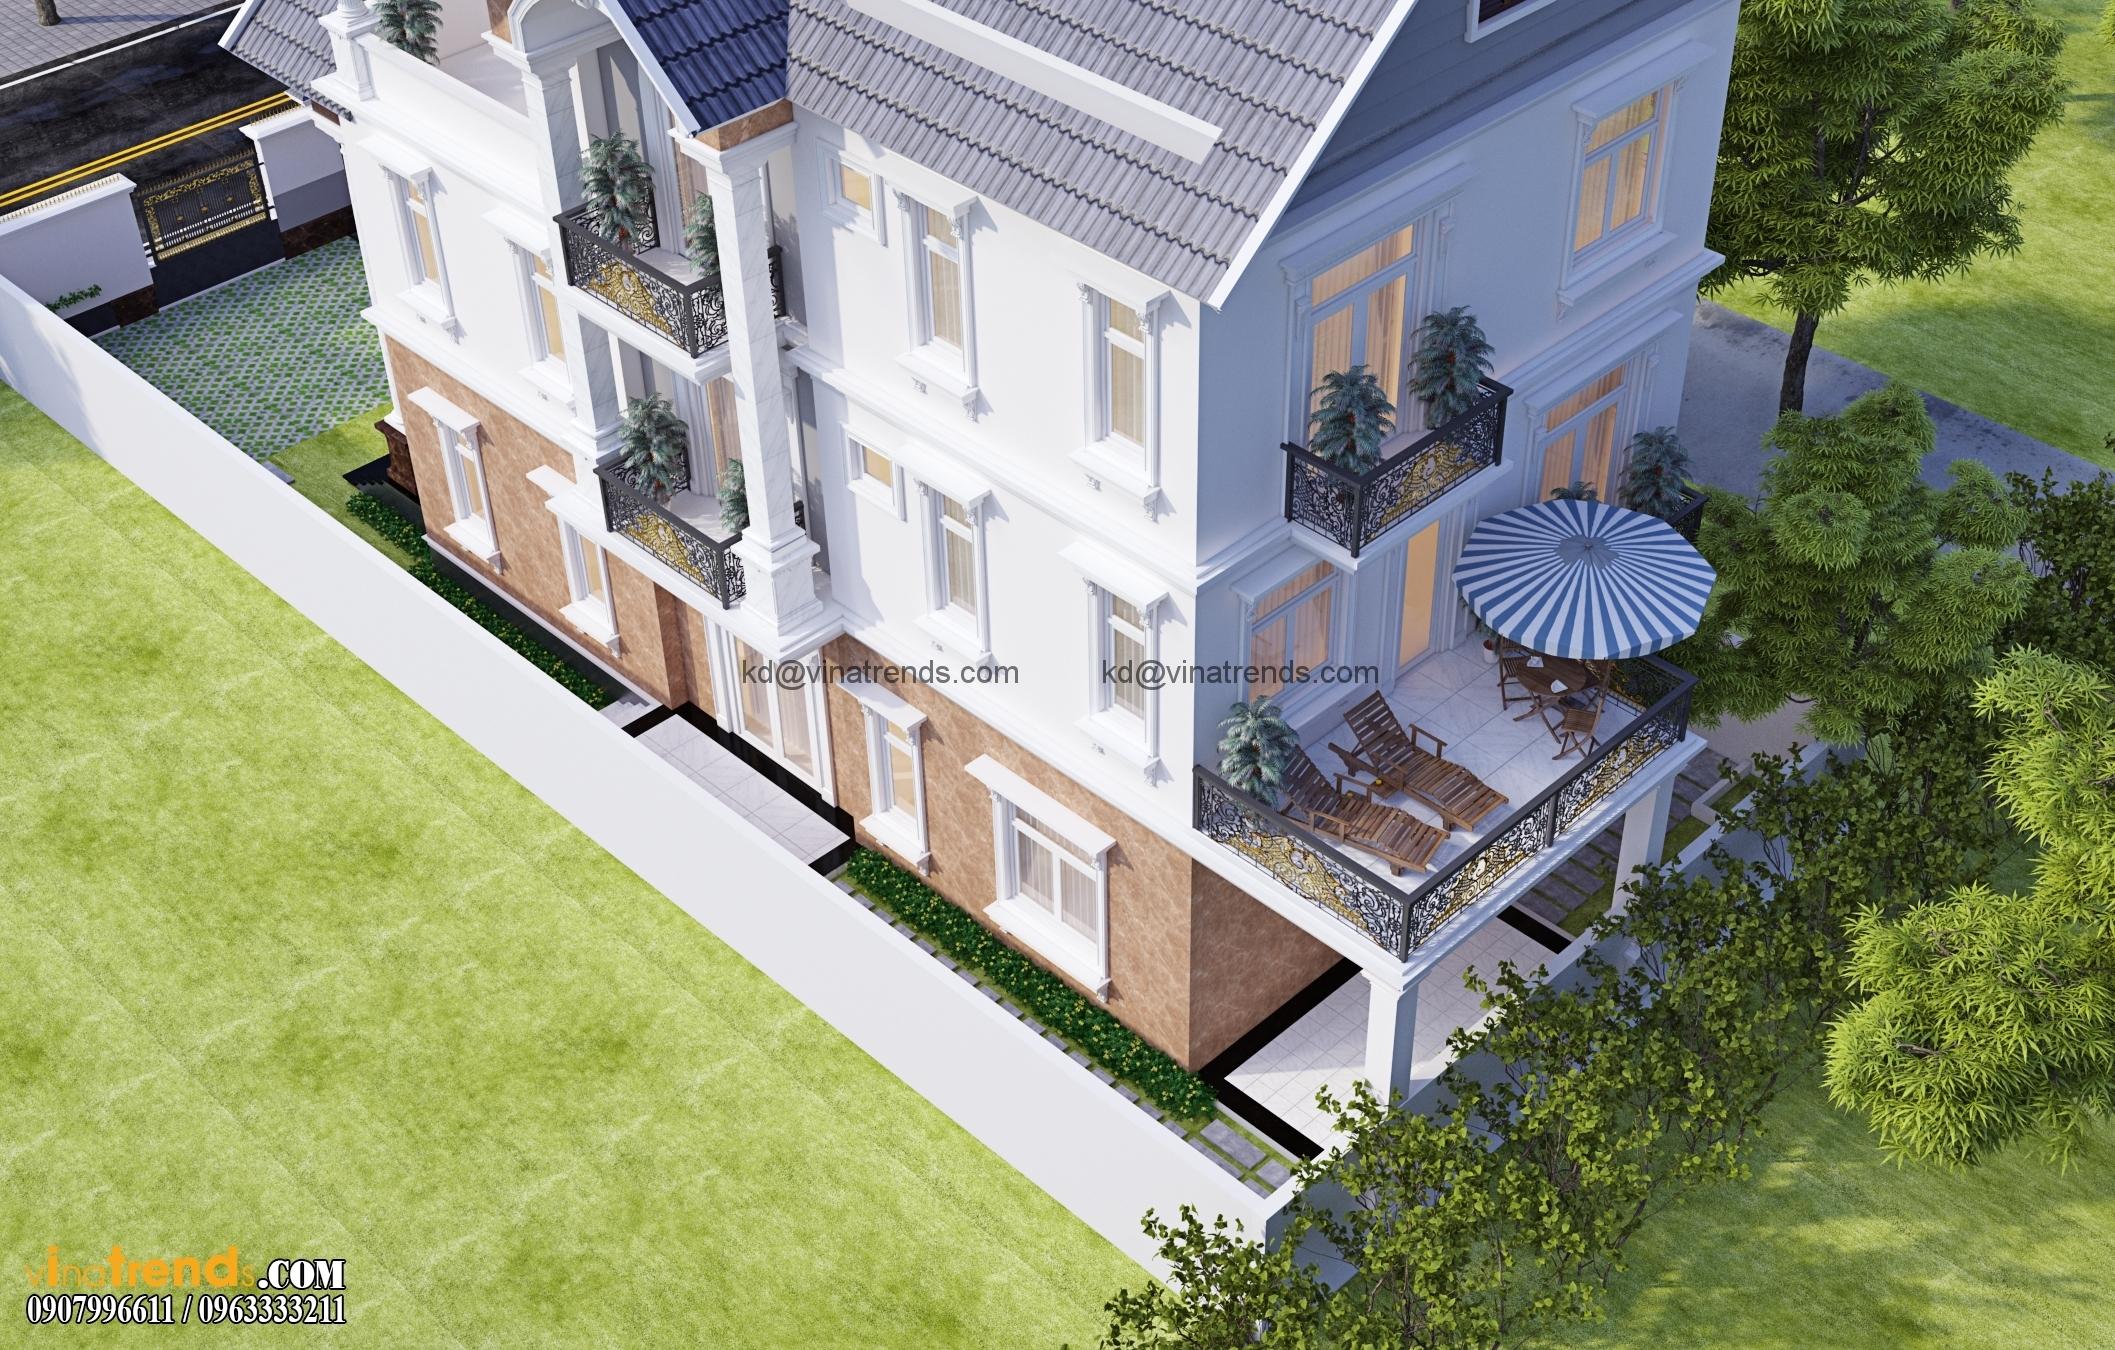 biet thu co dien dep nhat 3 tang 554m2 1 Thiết kế biệt thự vườn 360m2 3 tầng tân cổ điển mới lạ BTV270814A